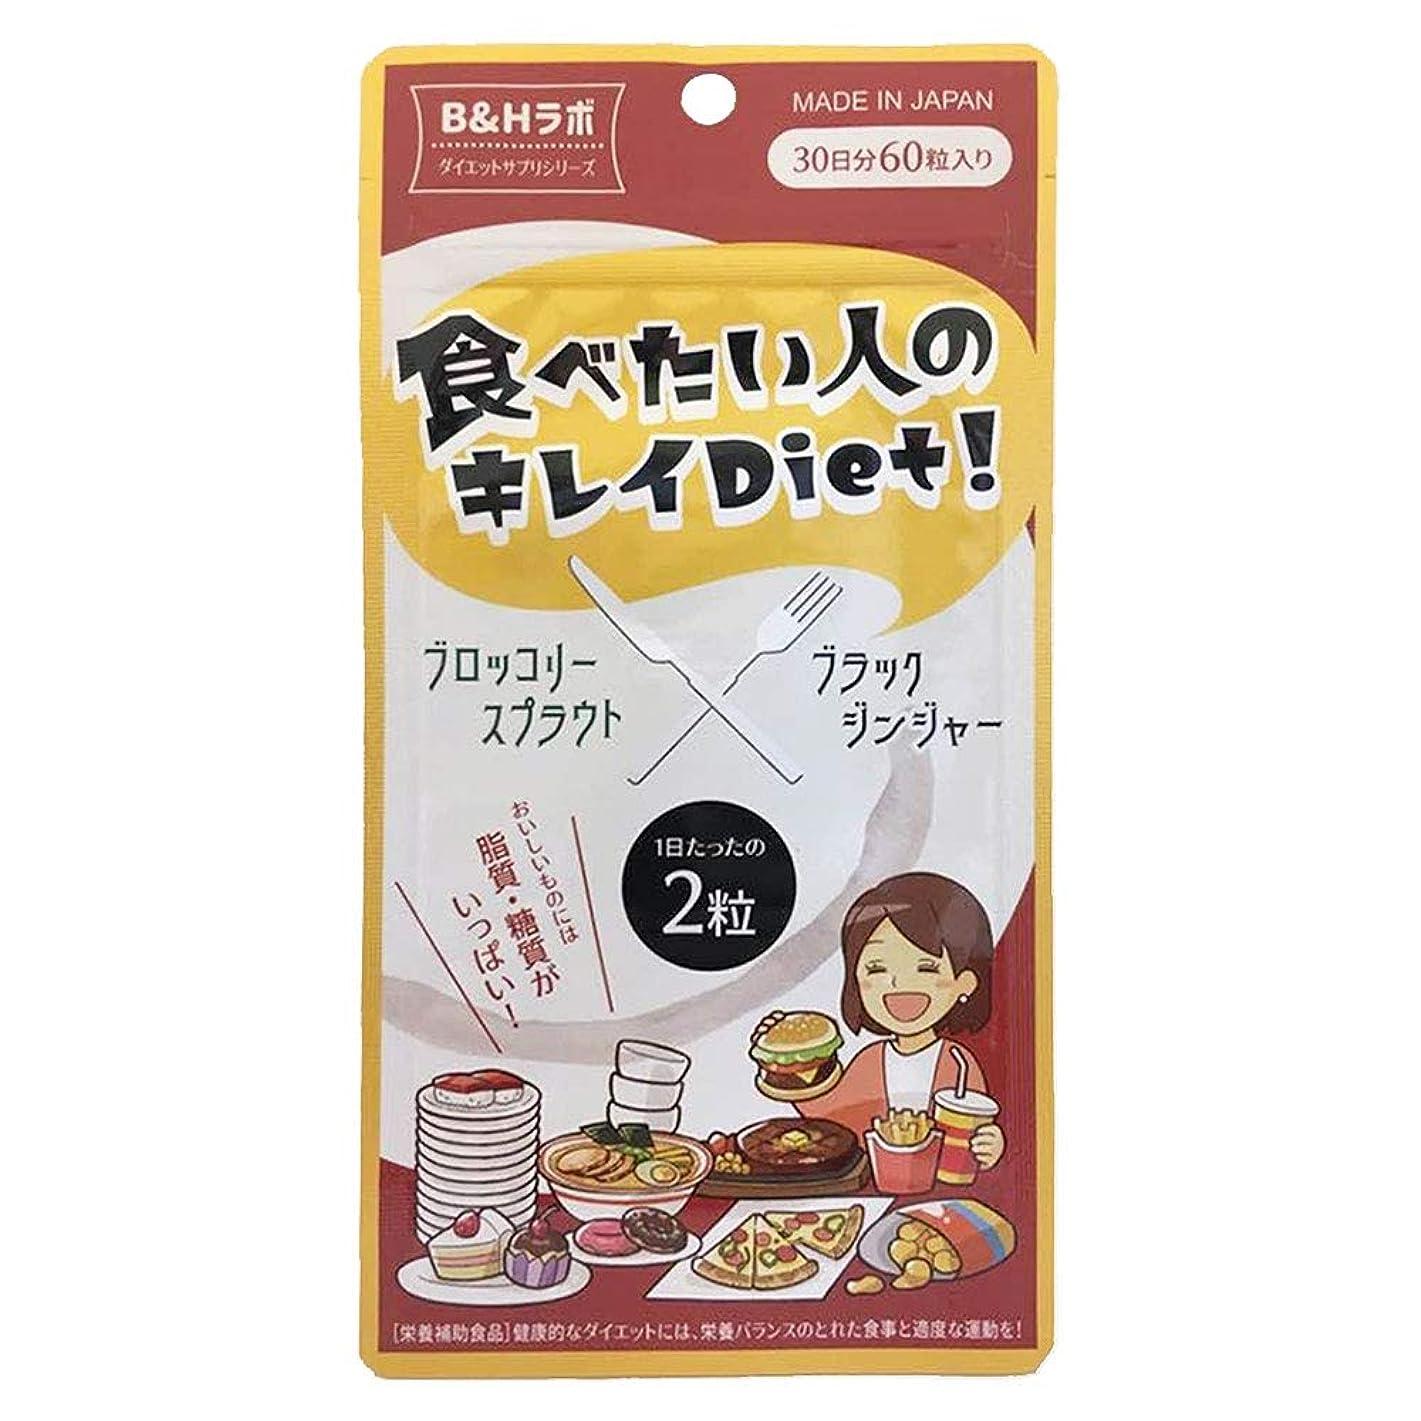 カフェ専制かりて食べたい人のキレイDiet! ブロッコリースプラウト×ブラックジンジャー ダイエットサプリ